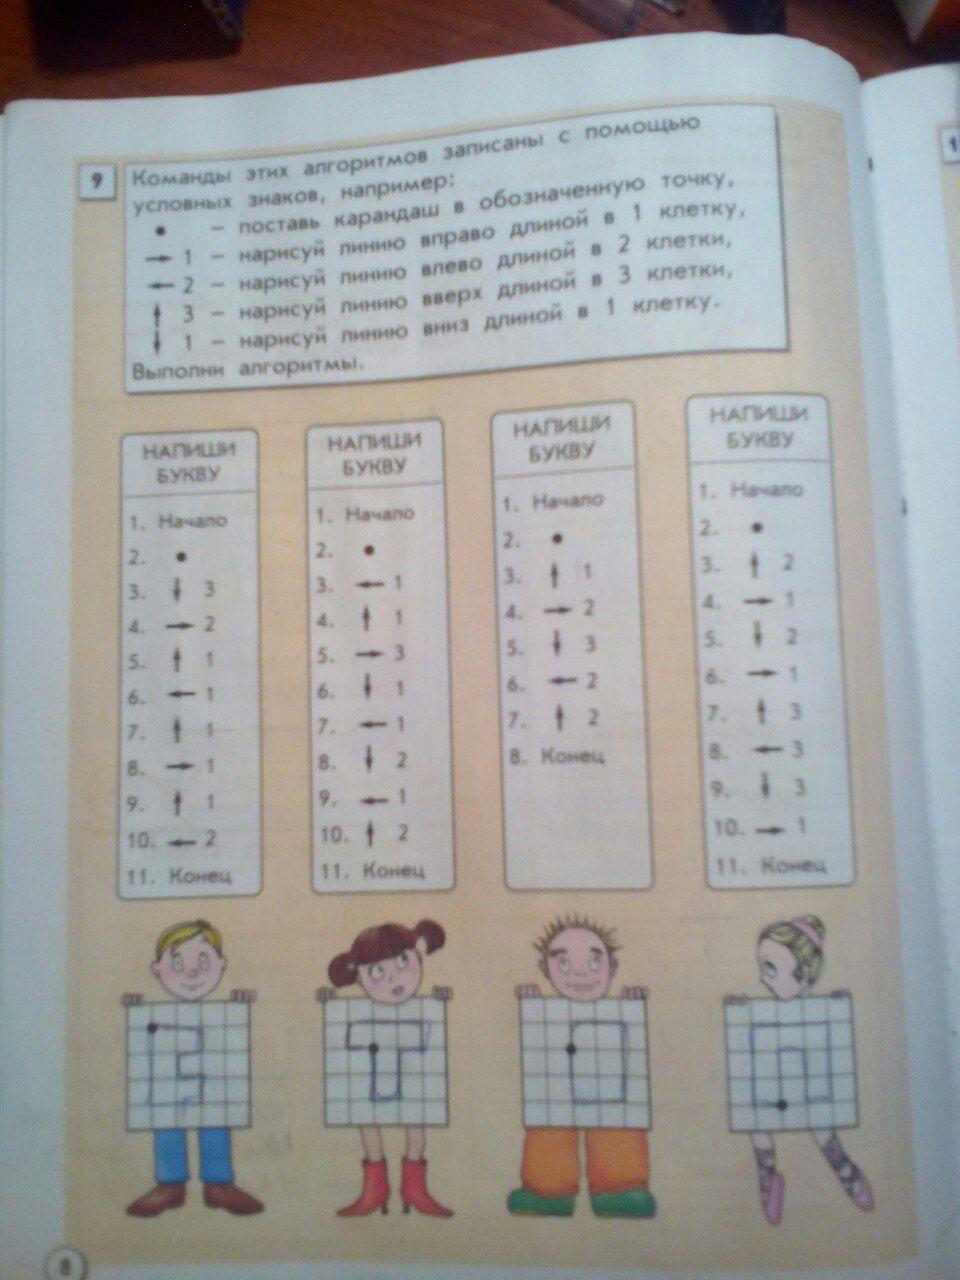 Информатика 3 класс горячев решебник без регистрации